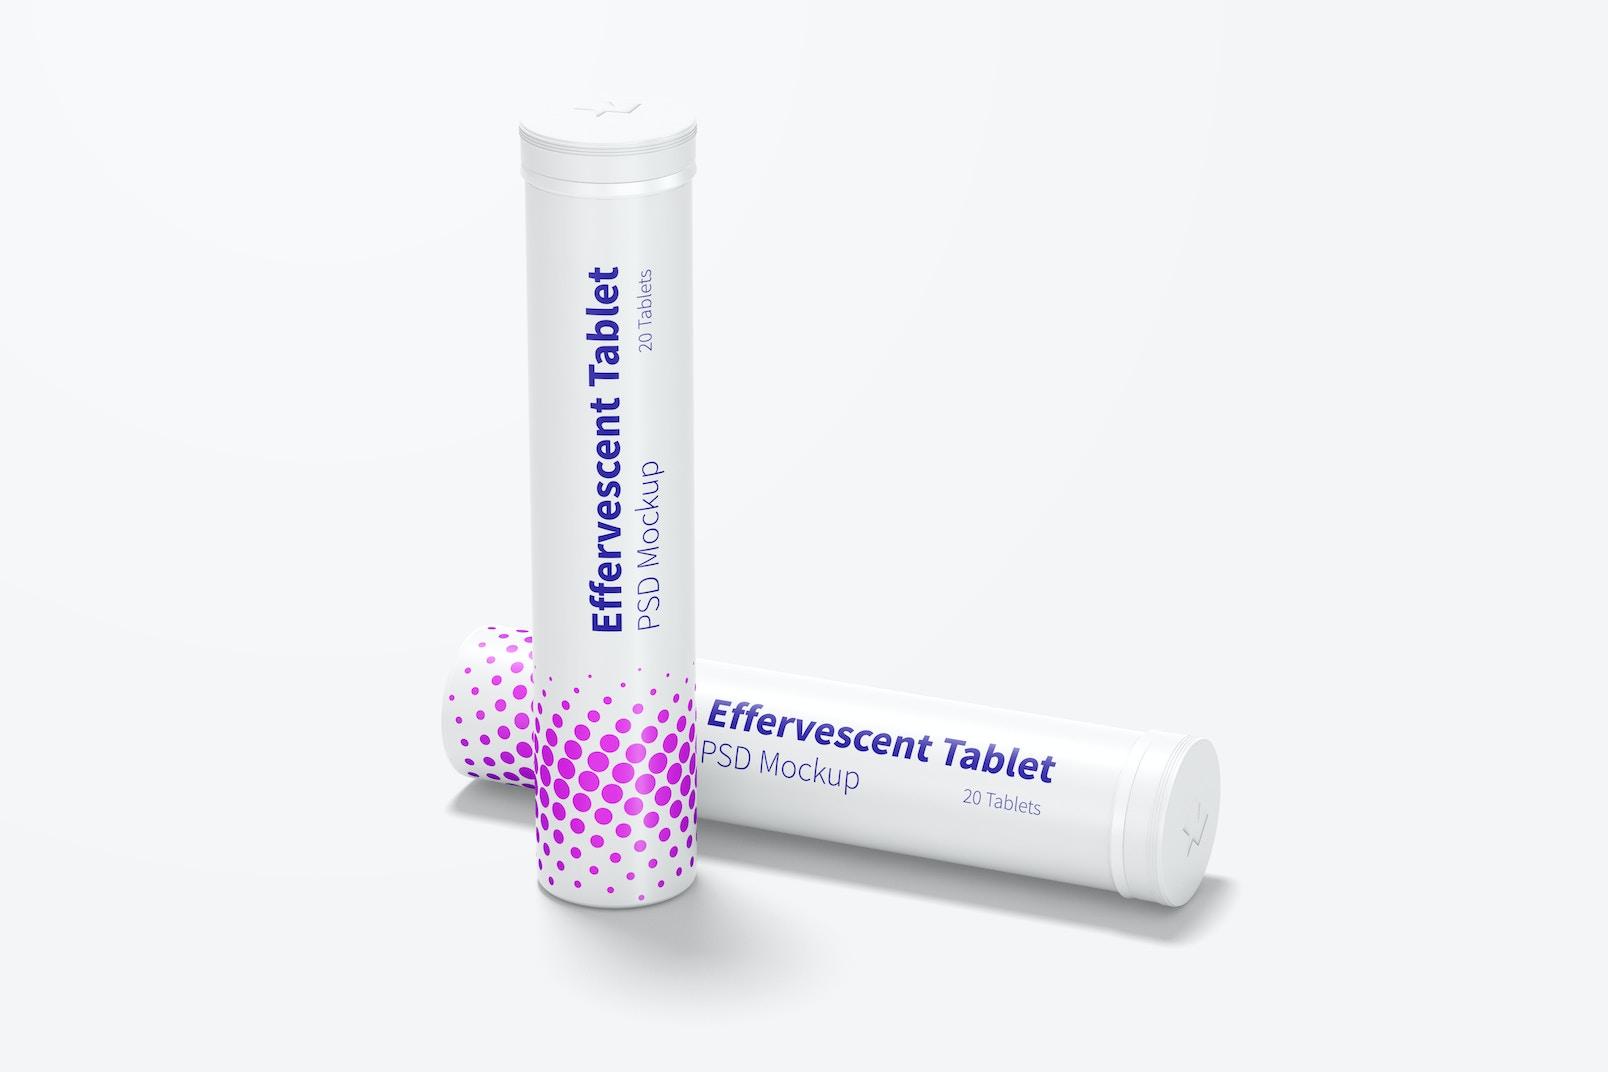 Effervescent Tablet Bottles Mockup, Perspectiva